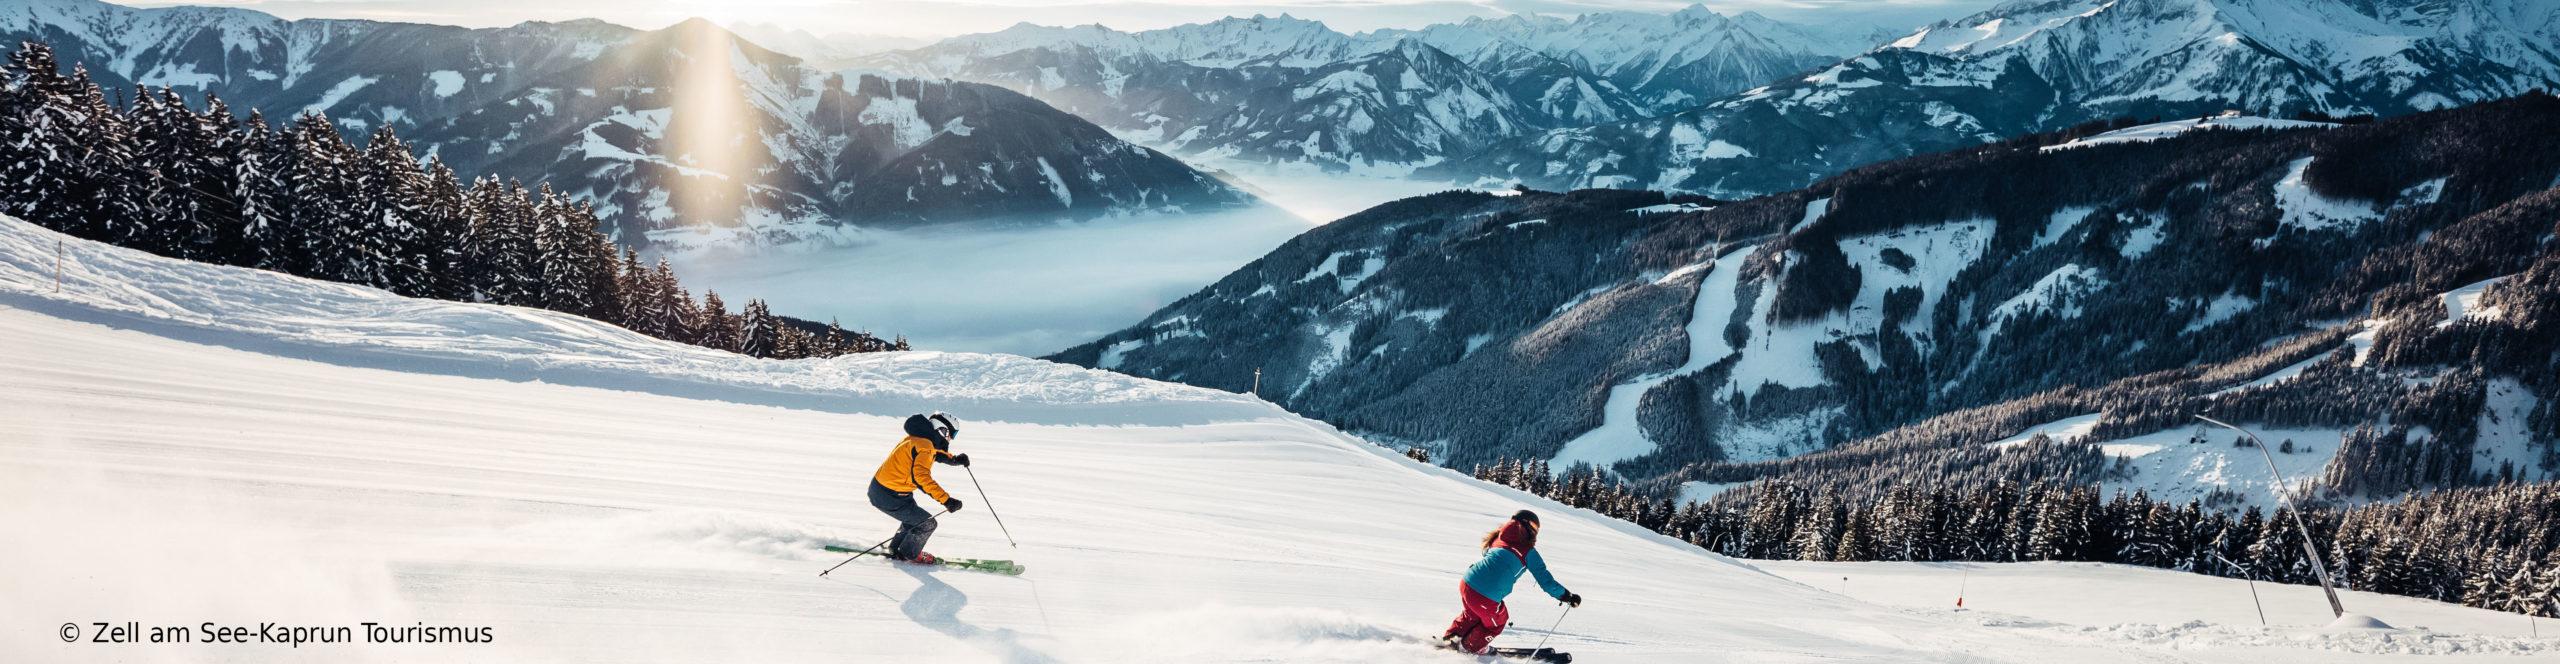 KAPRUN – ZELL AM SEE – Skiwochenende mit Schneegarantie – 3 Sterne – Schritte von der Gondel – Wellness über den Wolken mit drei Skitagen